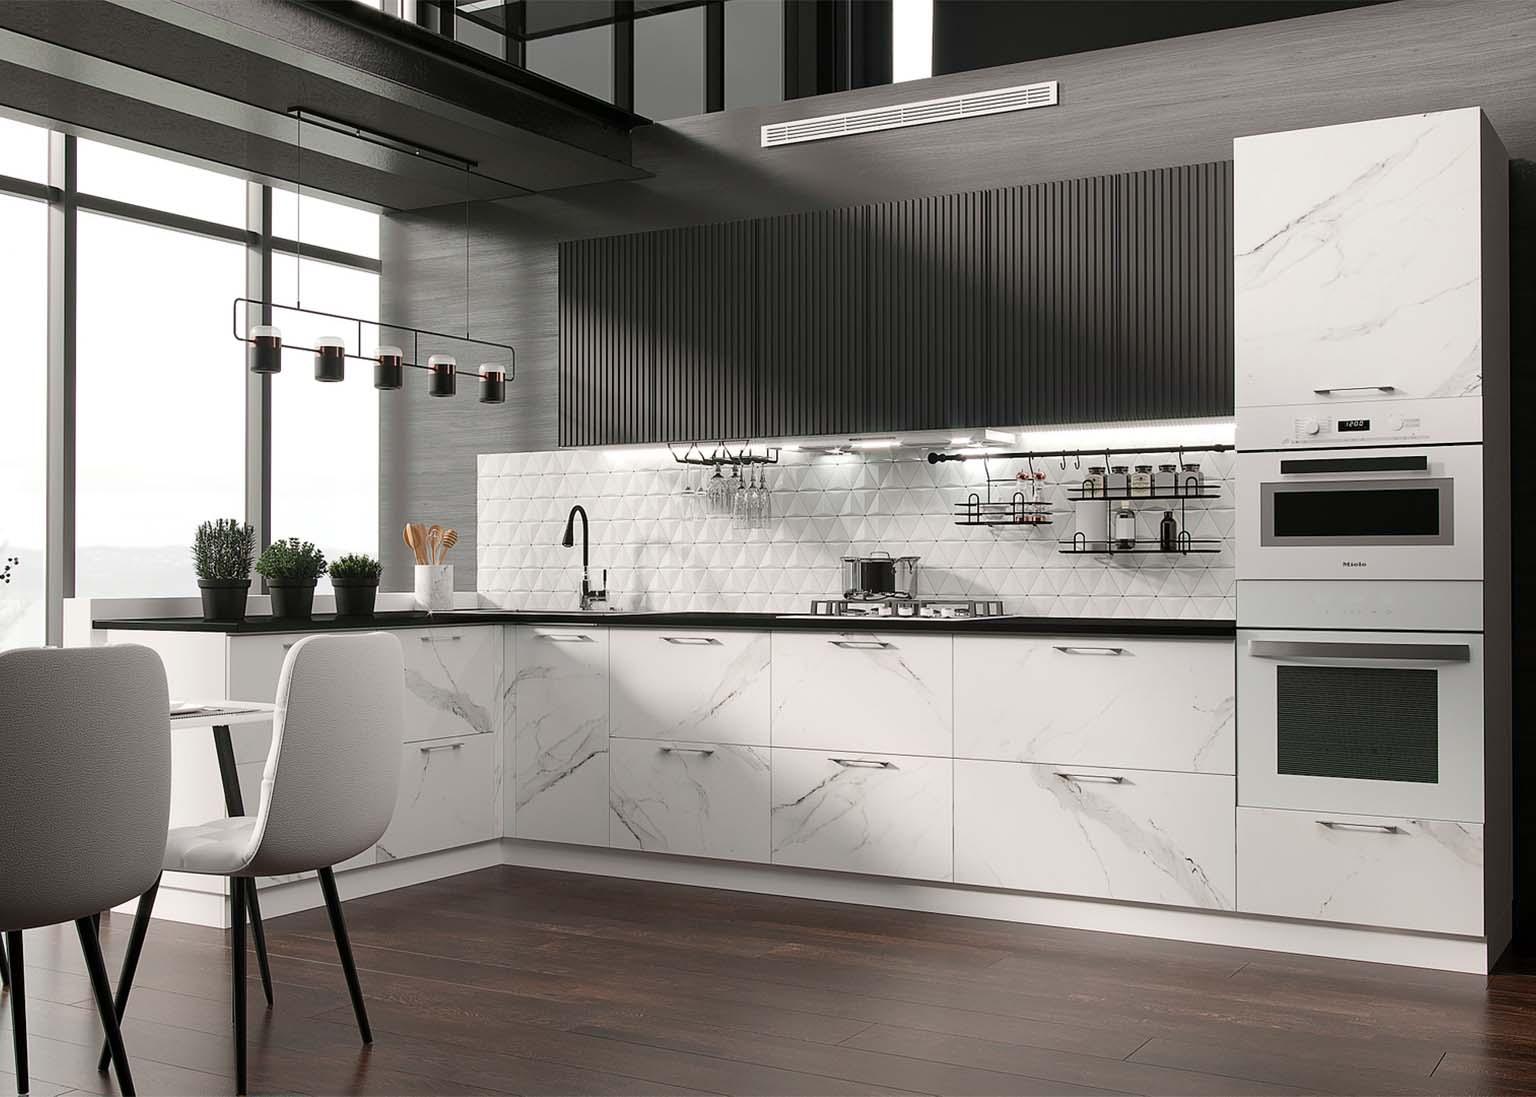 Кухня Модерн NEW Белый мрамор Кухня Модерн NEW Стайл графит SV-Мебель